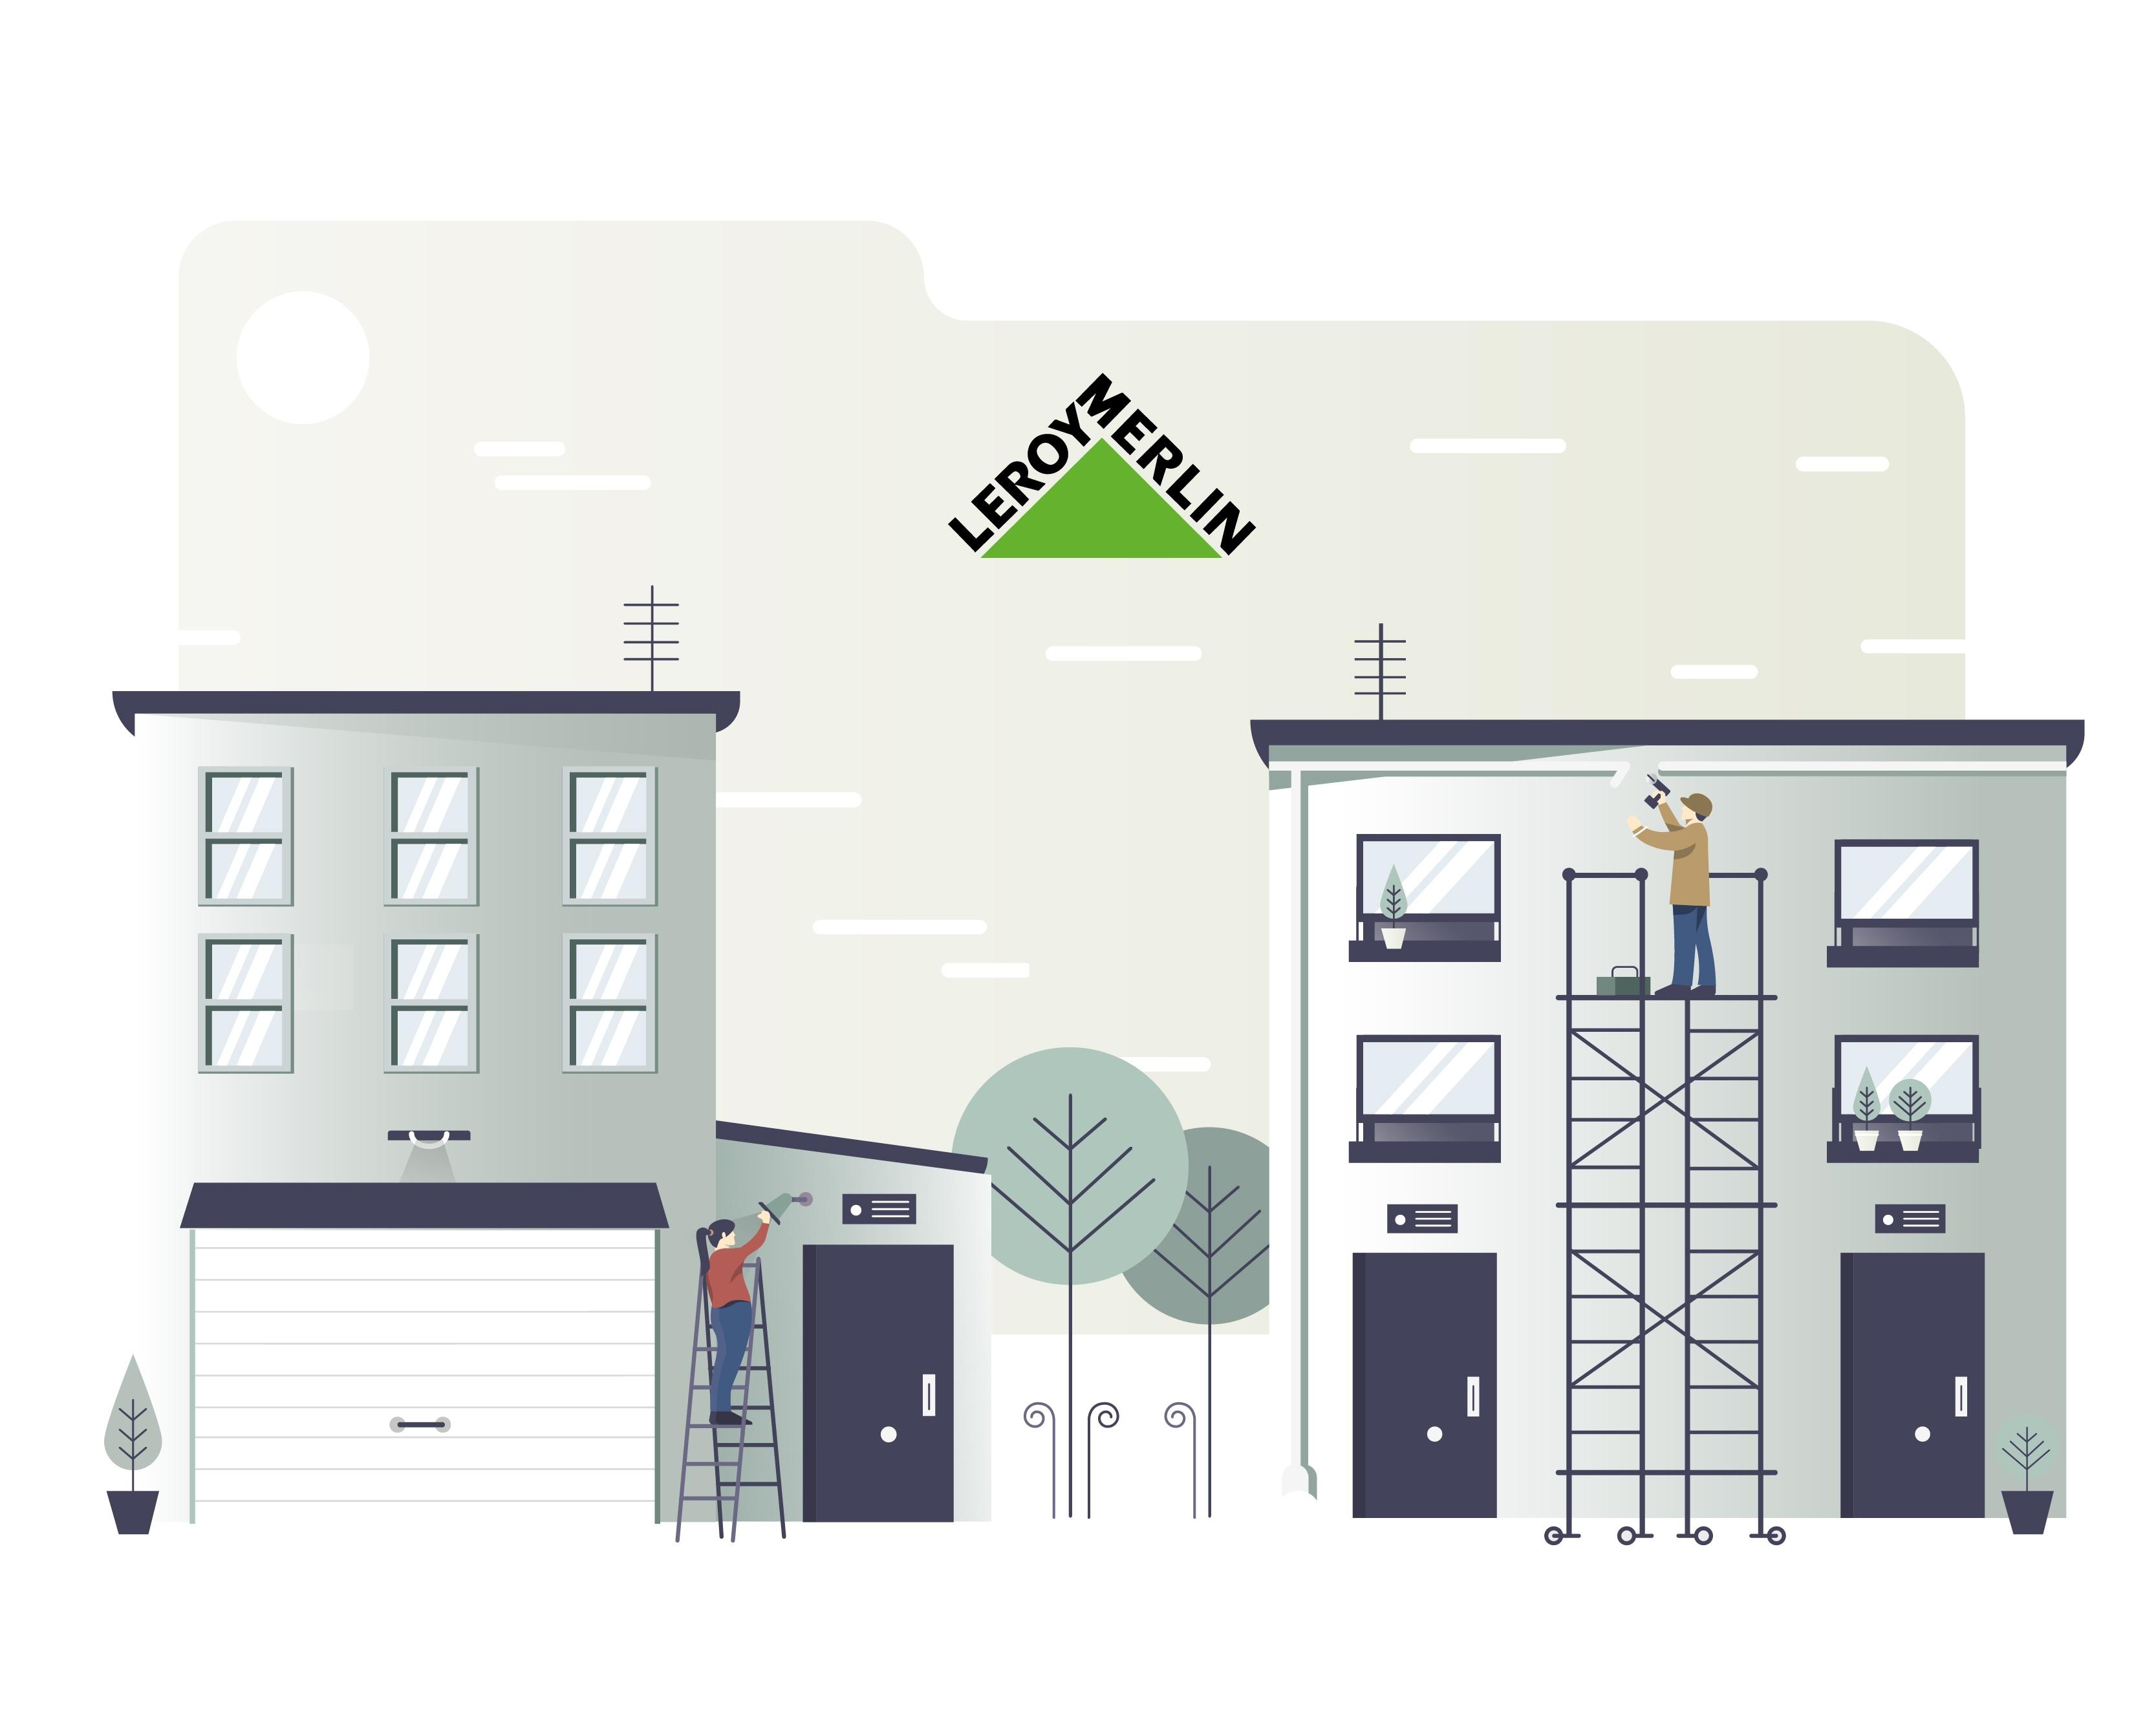 ilustración vectorial, ilustración de casas y andamios, arte digital